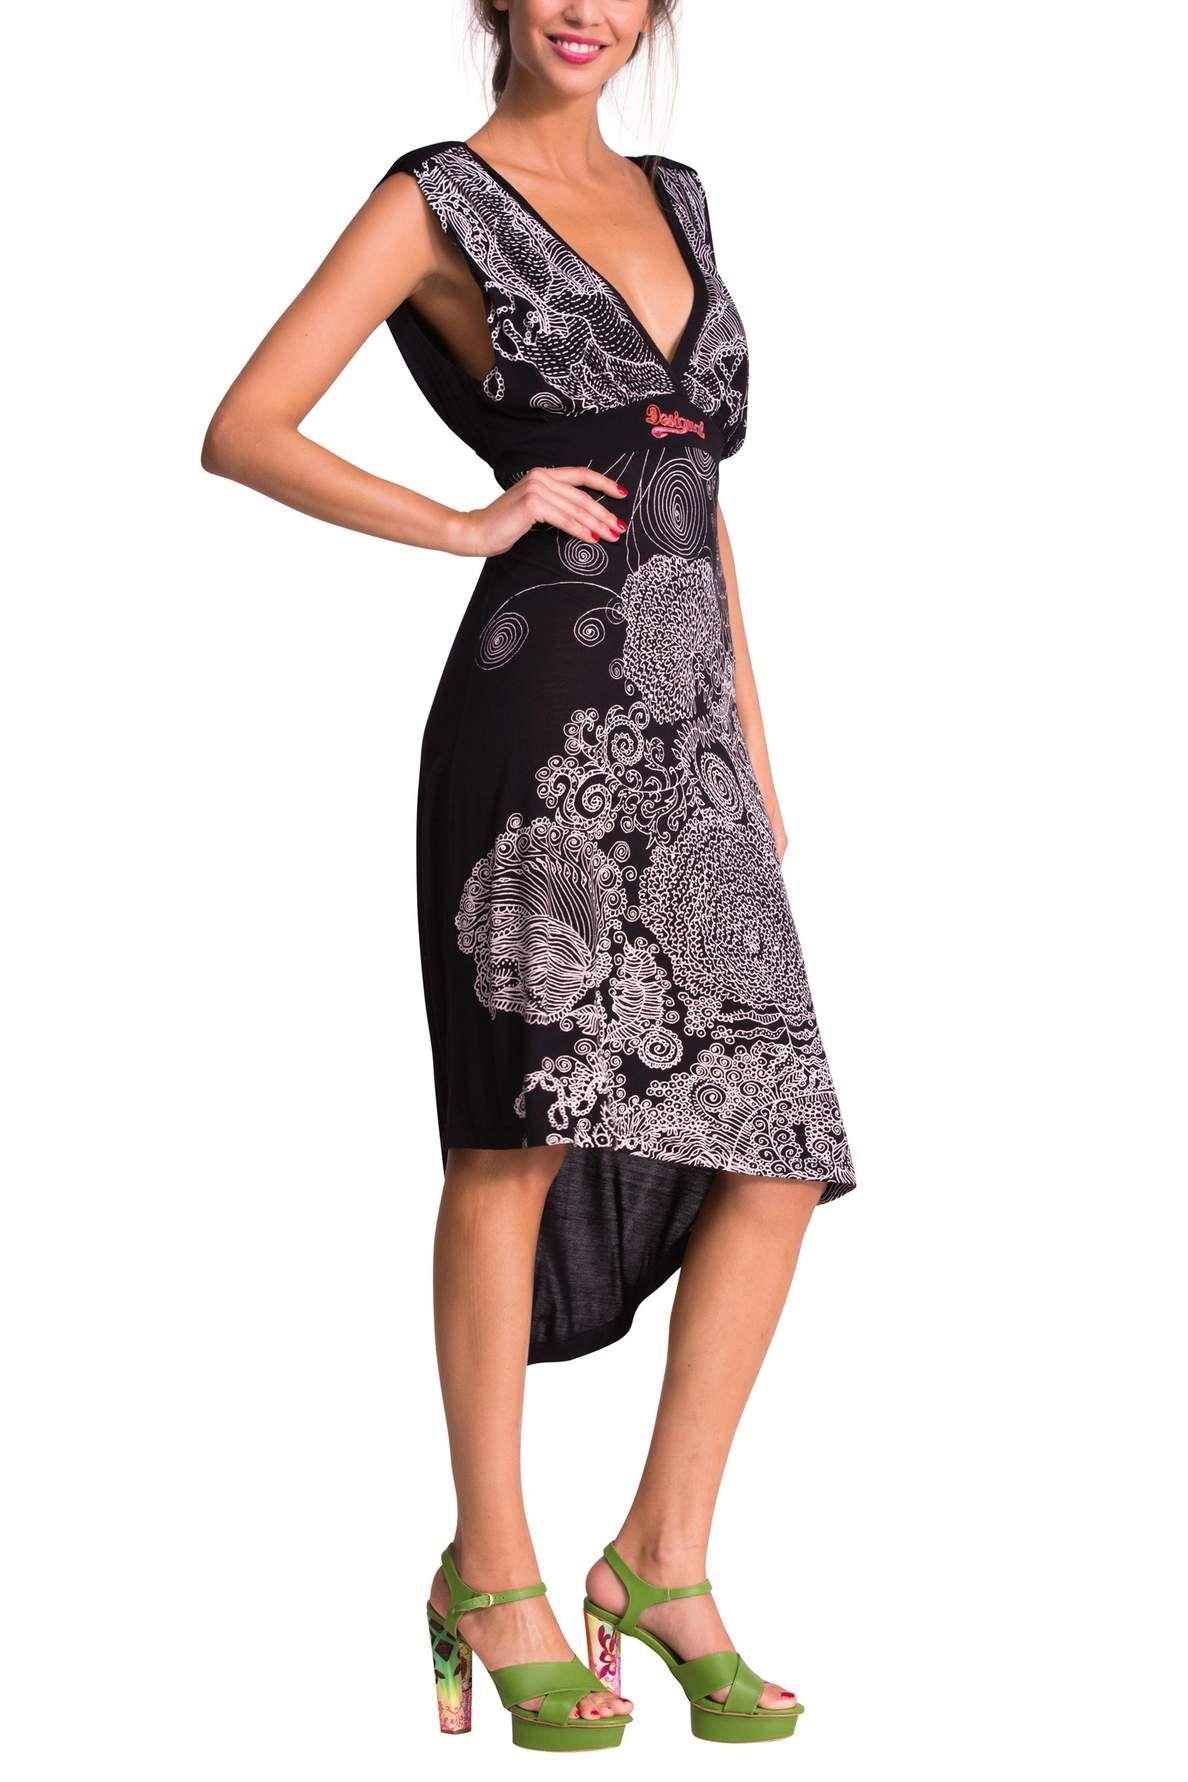 SALE! Desigual.com: Kaufe Einzigartige kleidung online | Dressing ...